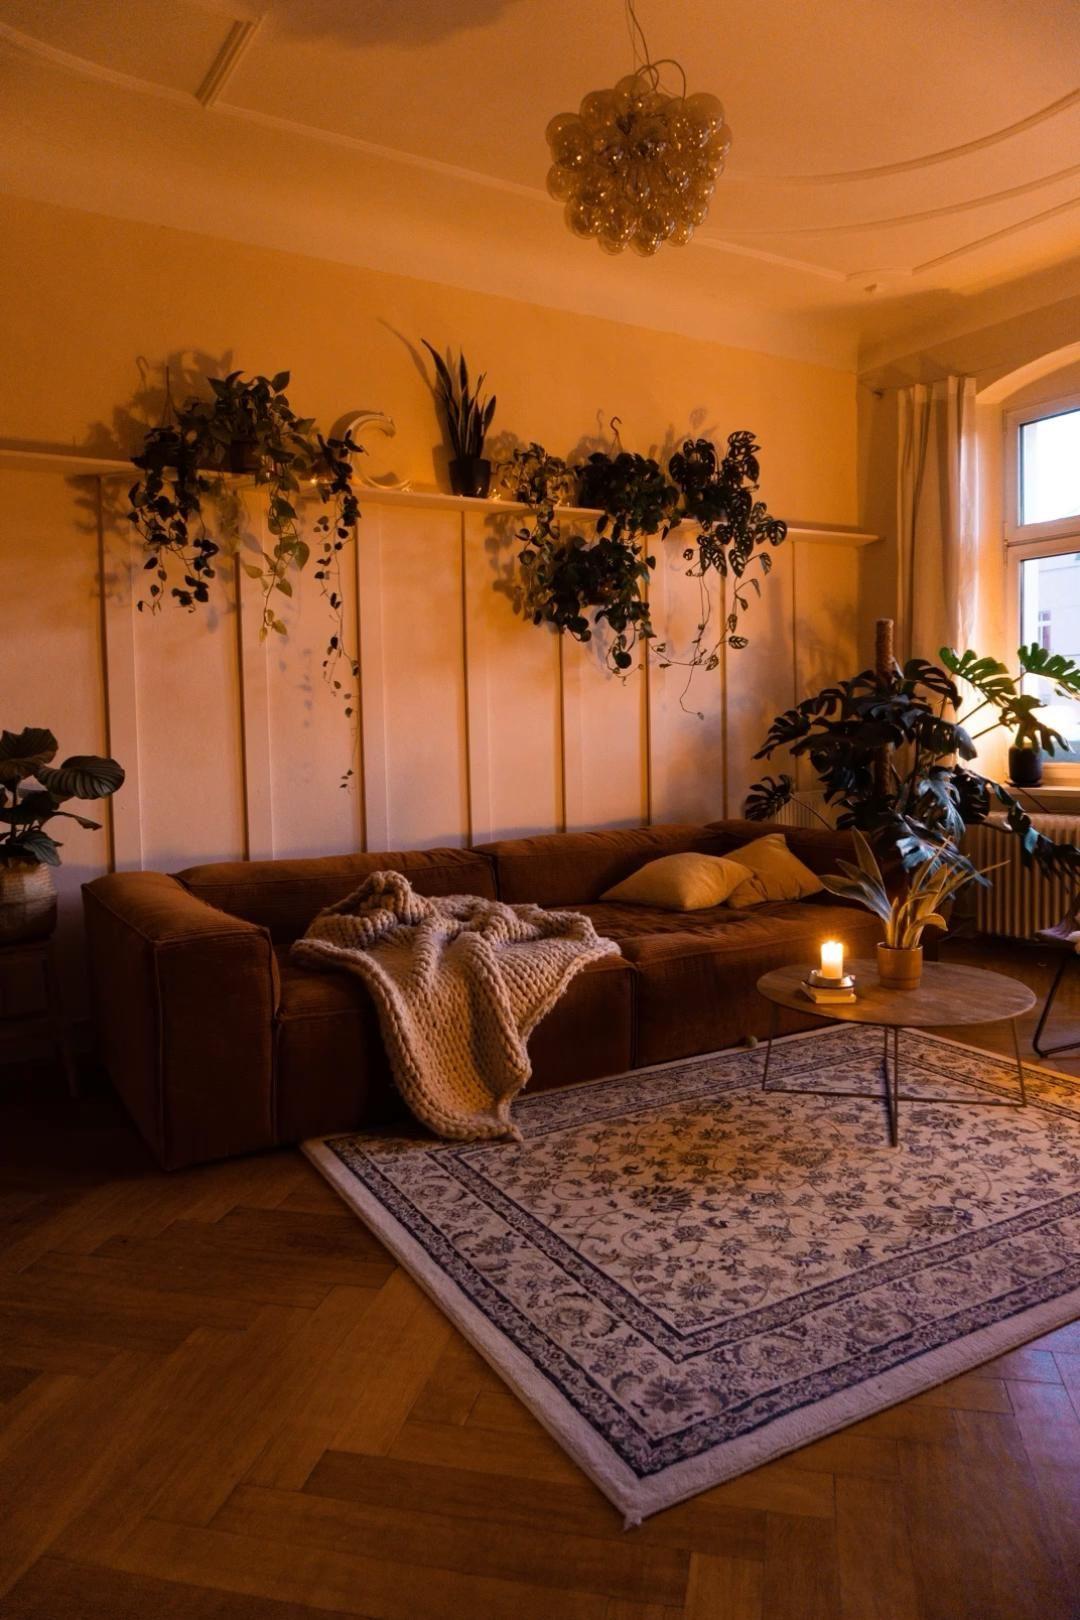 DIY Holz-Paneel-Wand fürs Wohnzimmer